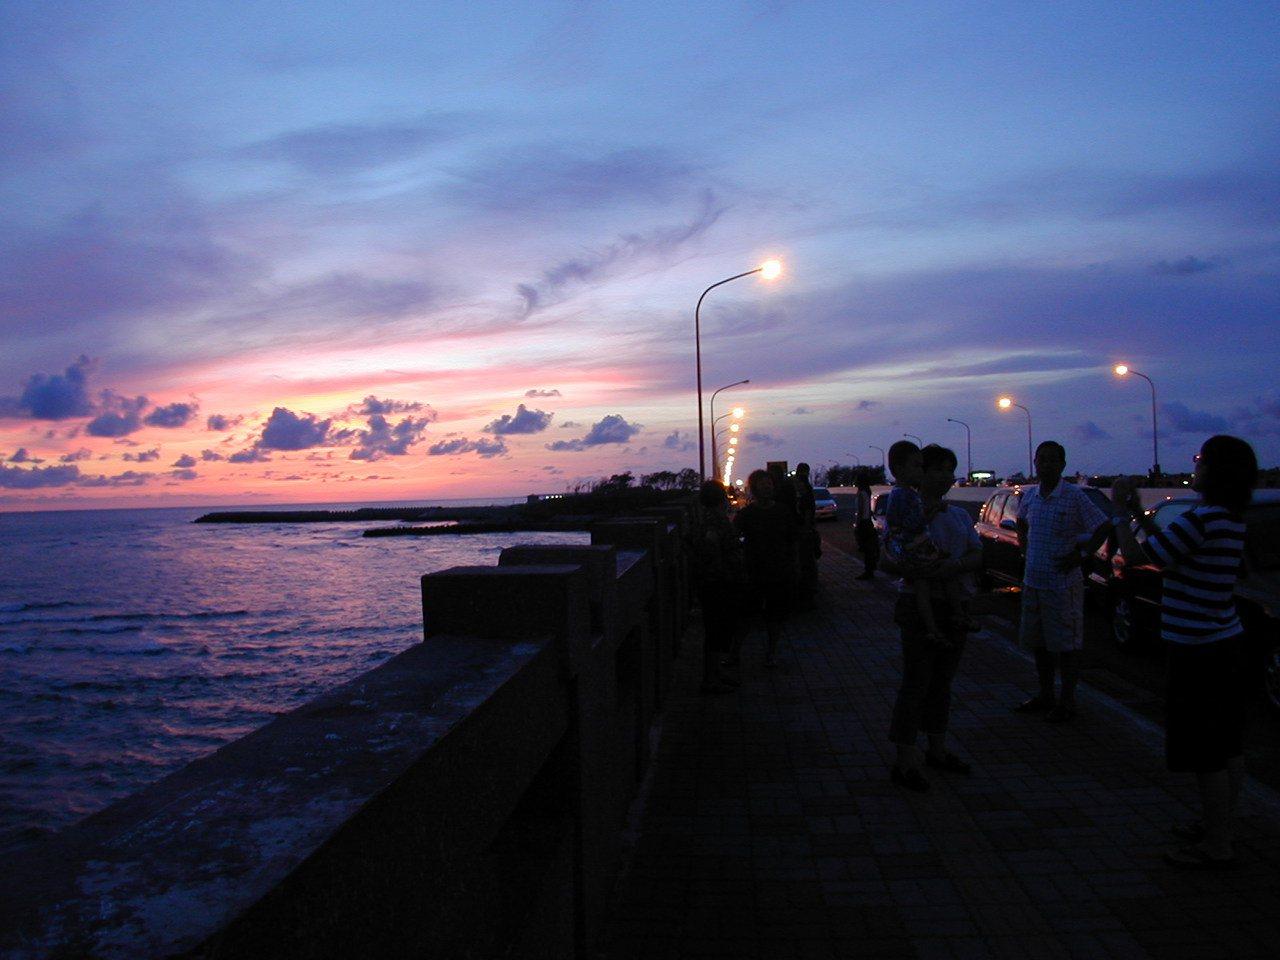 台南市四草大橋成了賞黃昏的新景點,民眾也拿出相機拍照,想留住霎那間的美景。  ...